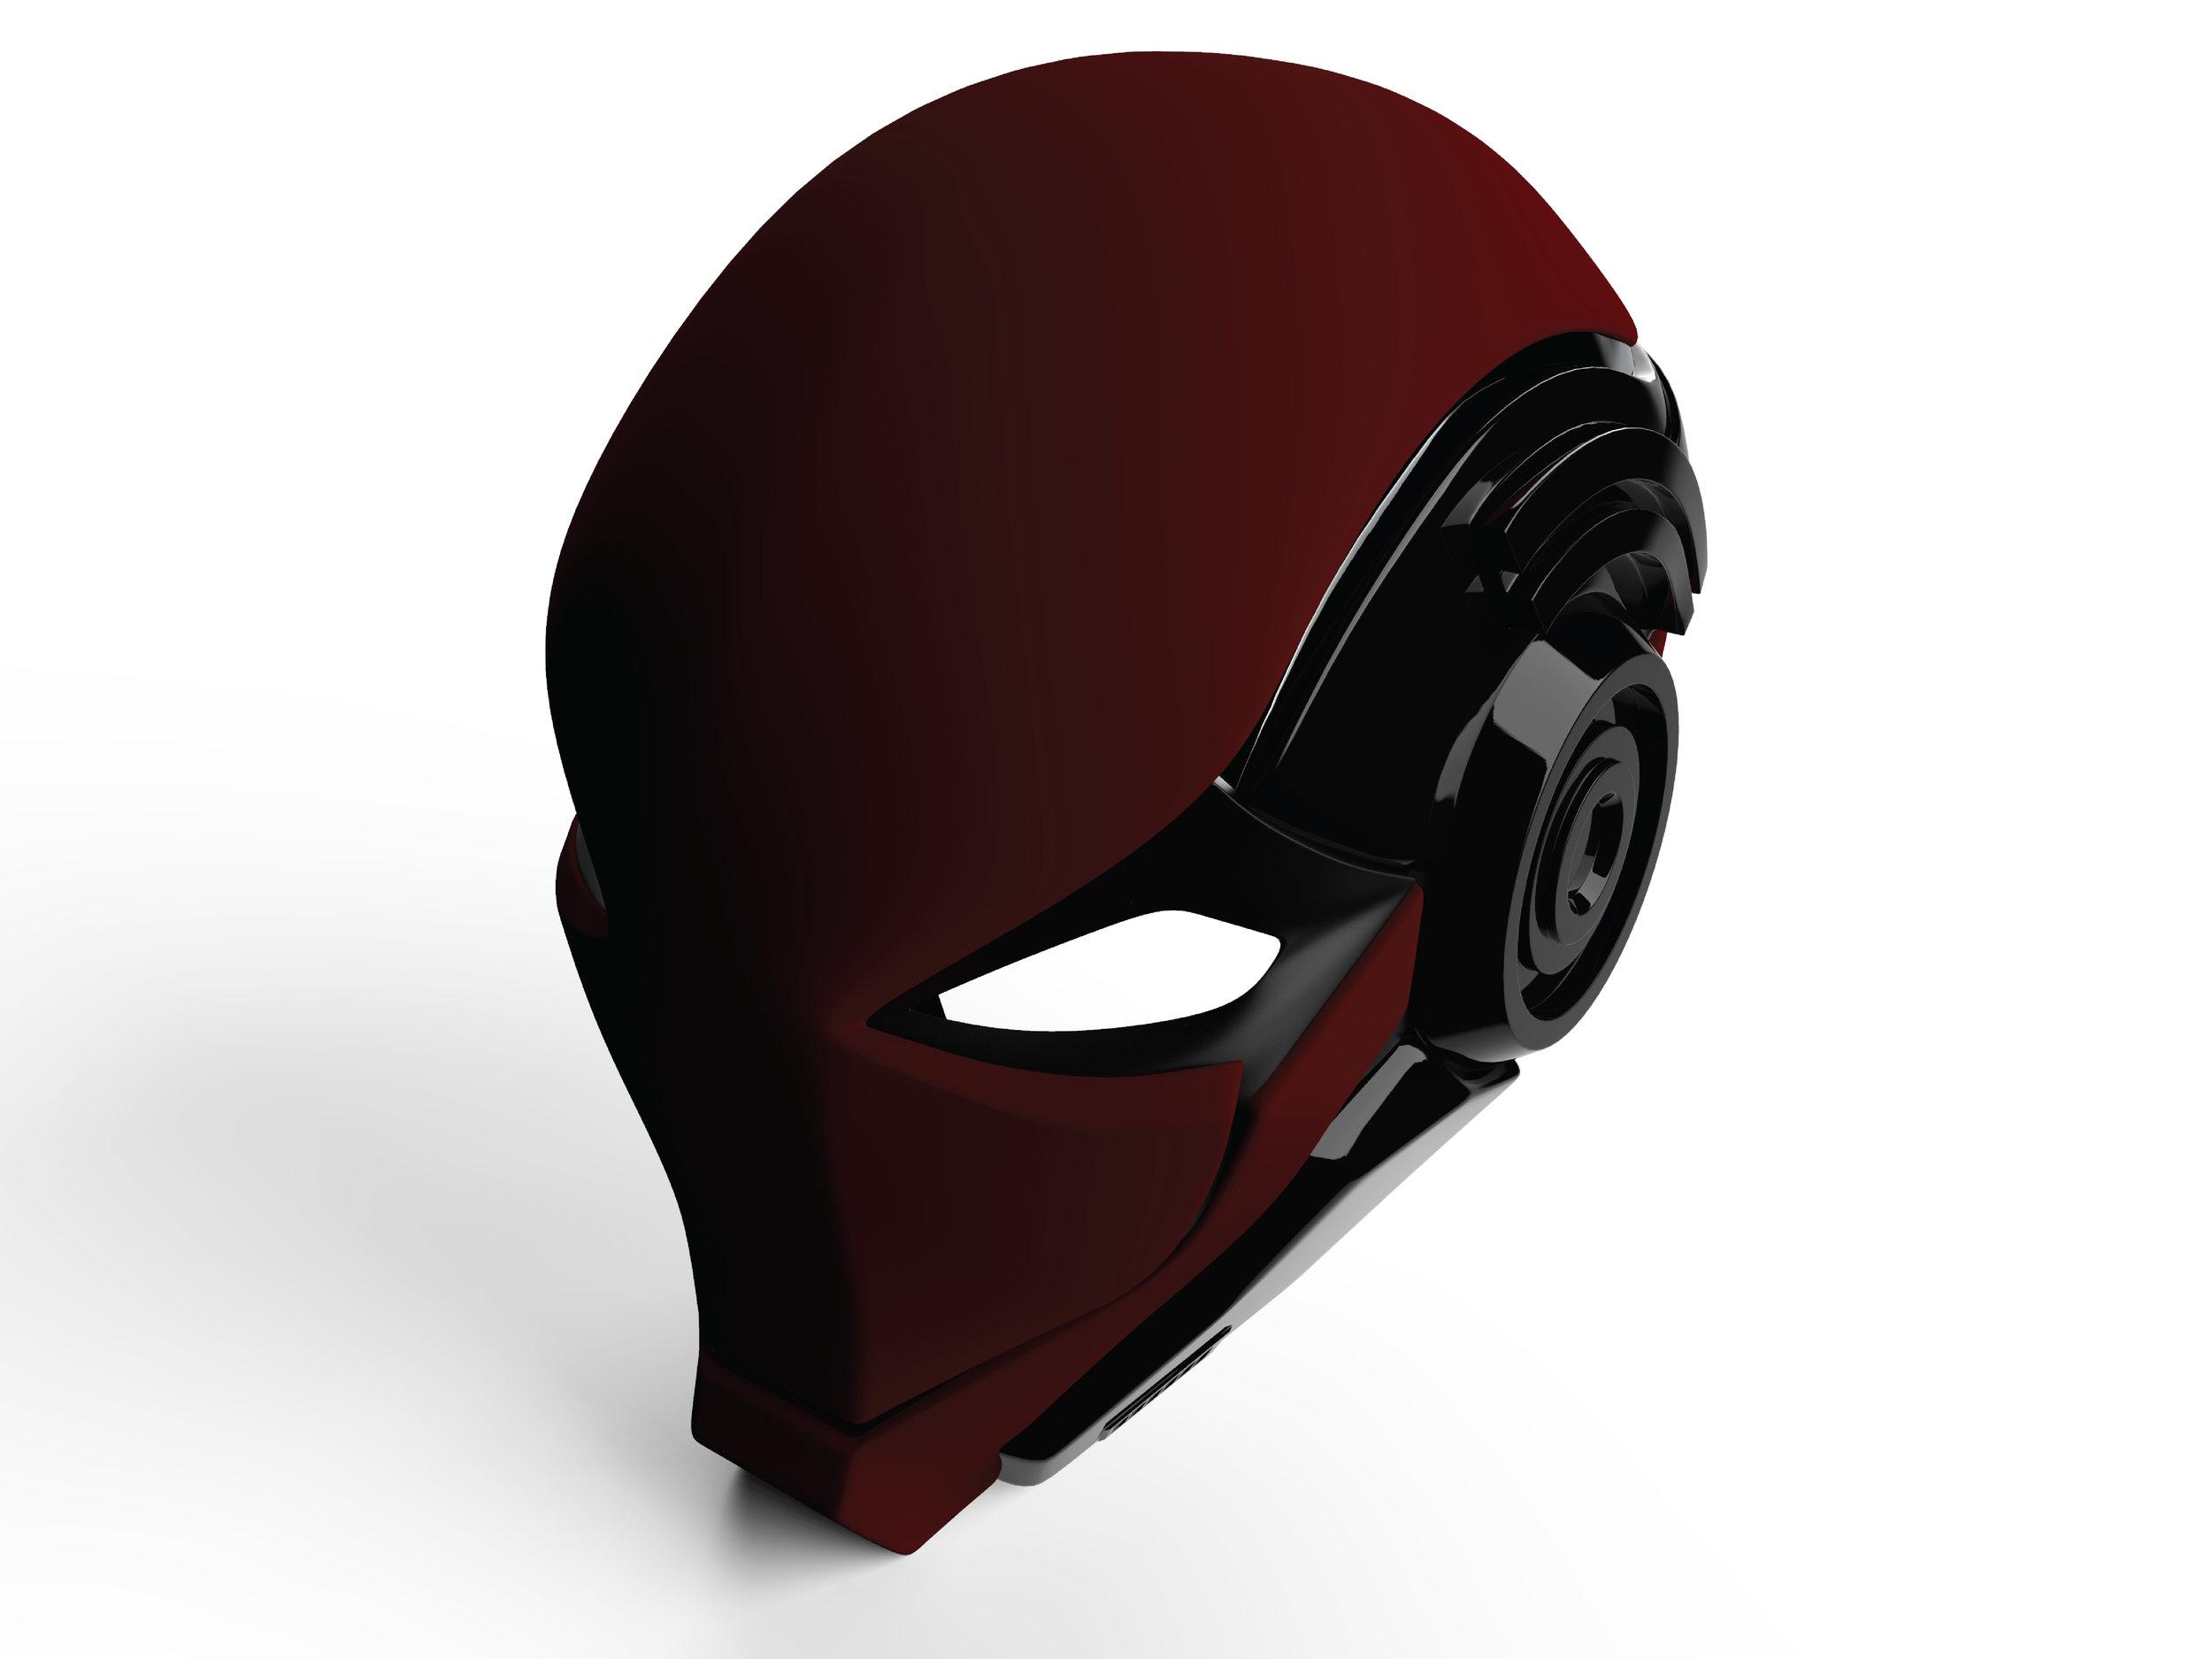 helmet-03.jpg